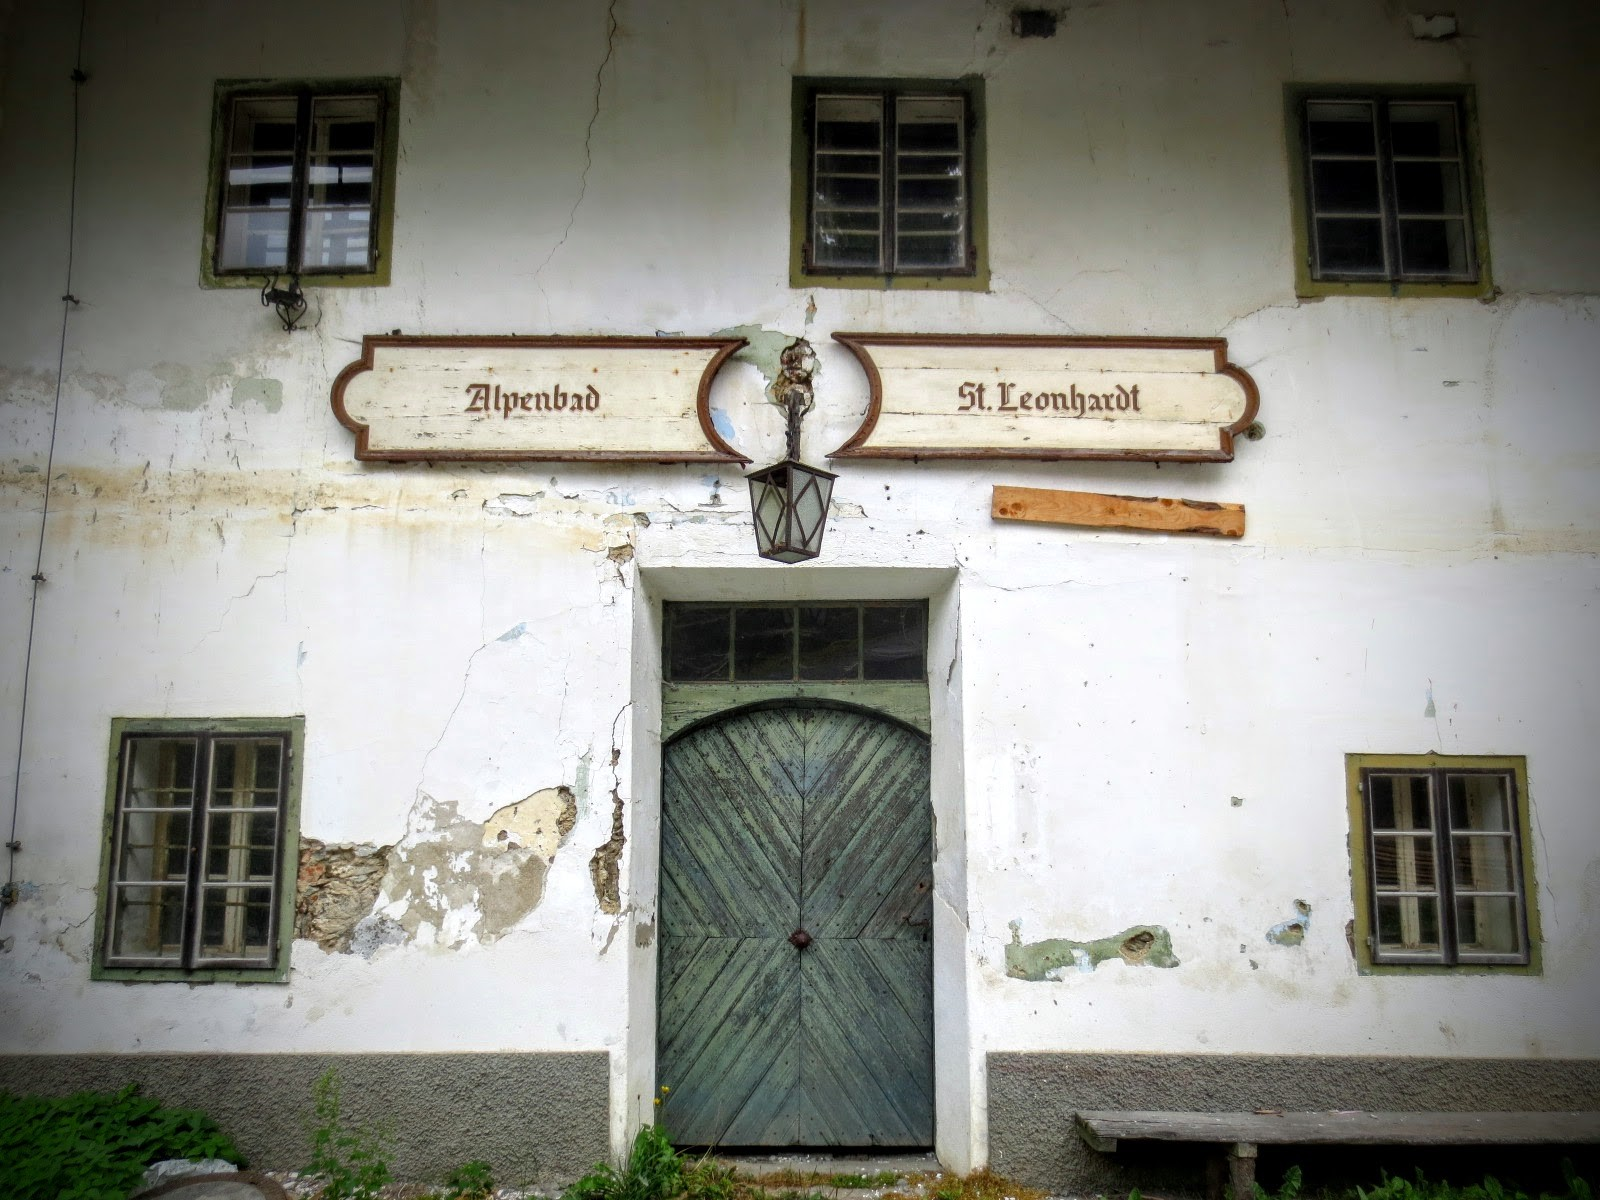 ehem. Alpenbad St. Leonhard